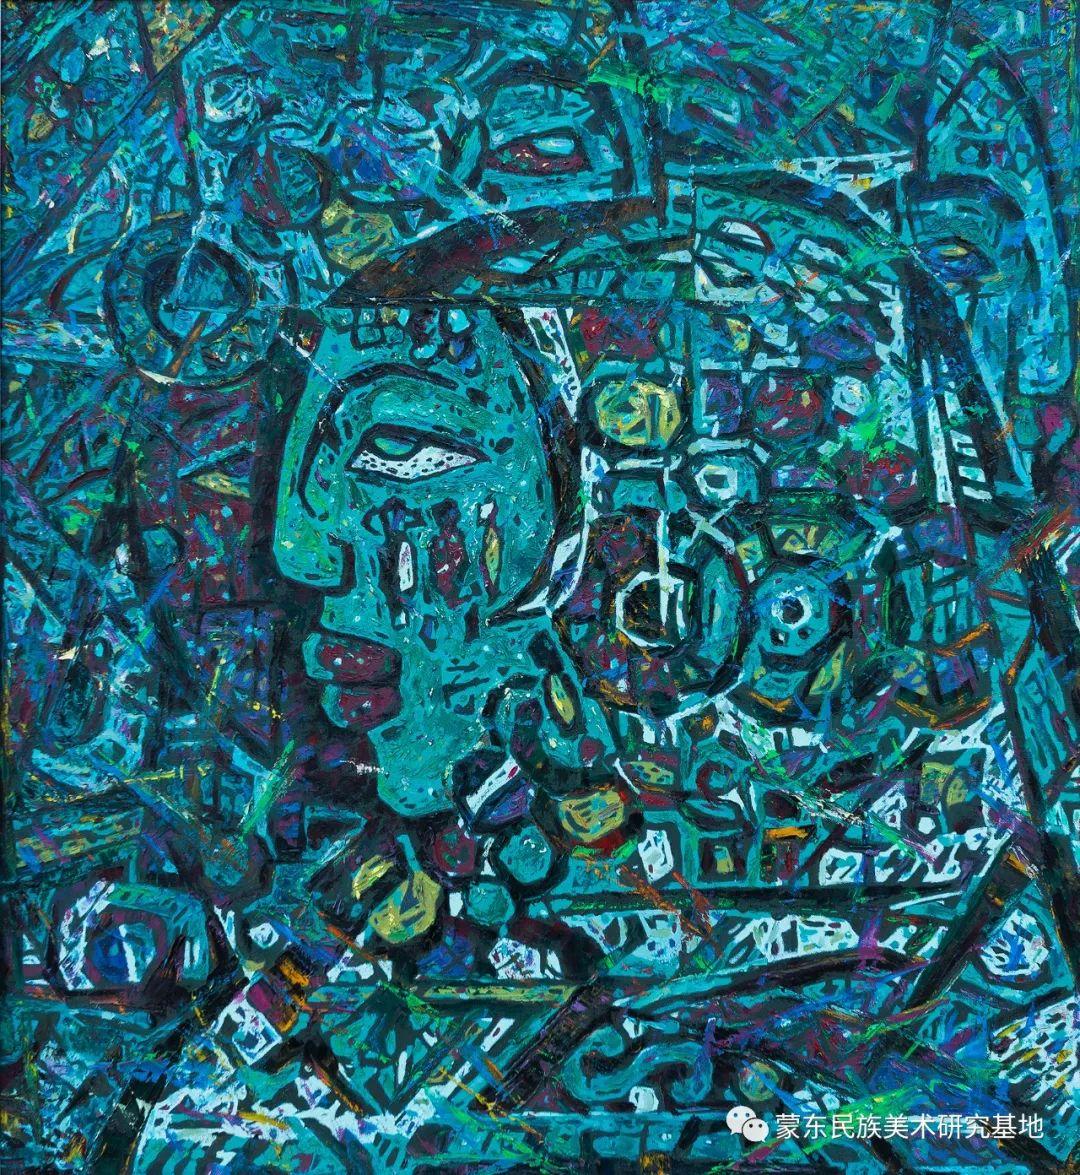 科尔沁首届油画展作品集 第45张 科尔沁首届油画展作品集 蒙古画廊